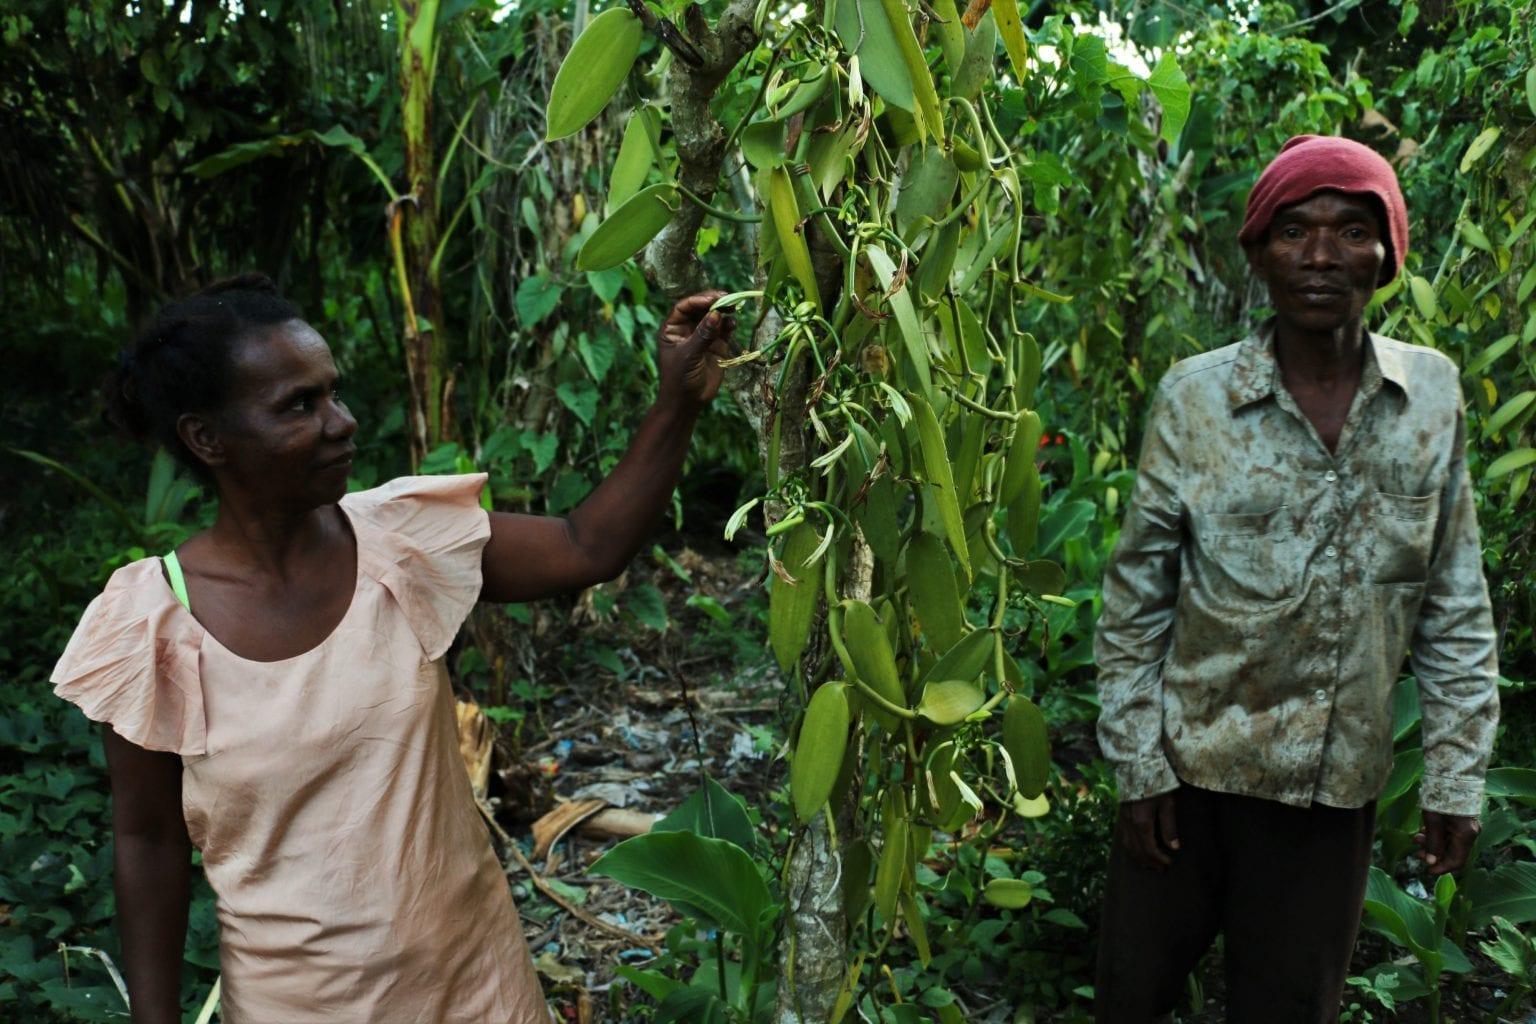 Ægteparret Soa og Bidi er ansat til at passe på, at vaniljen ikke bliver stjålet fra en vaniljemark. De bor omgivet af orkidéerne, som de passer for en ejer. Foto: Per Lykke Lind/Danwatch